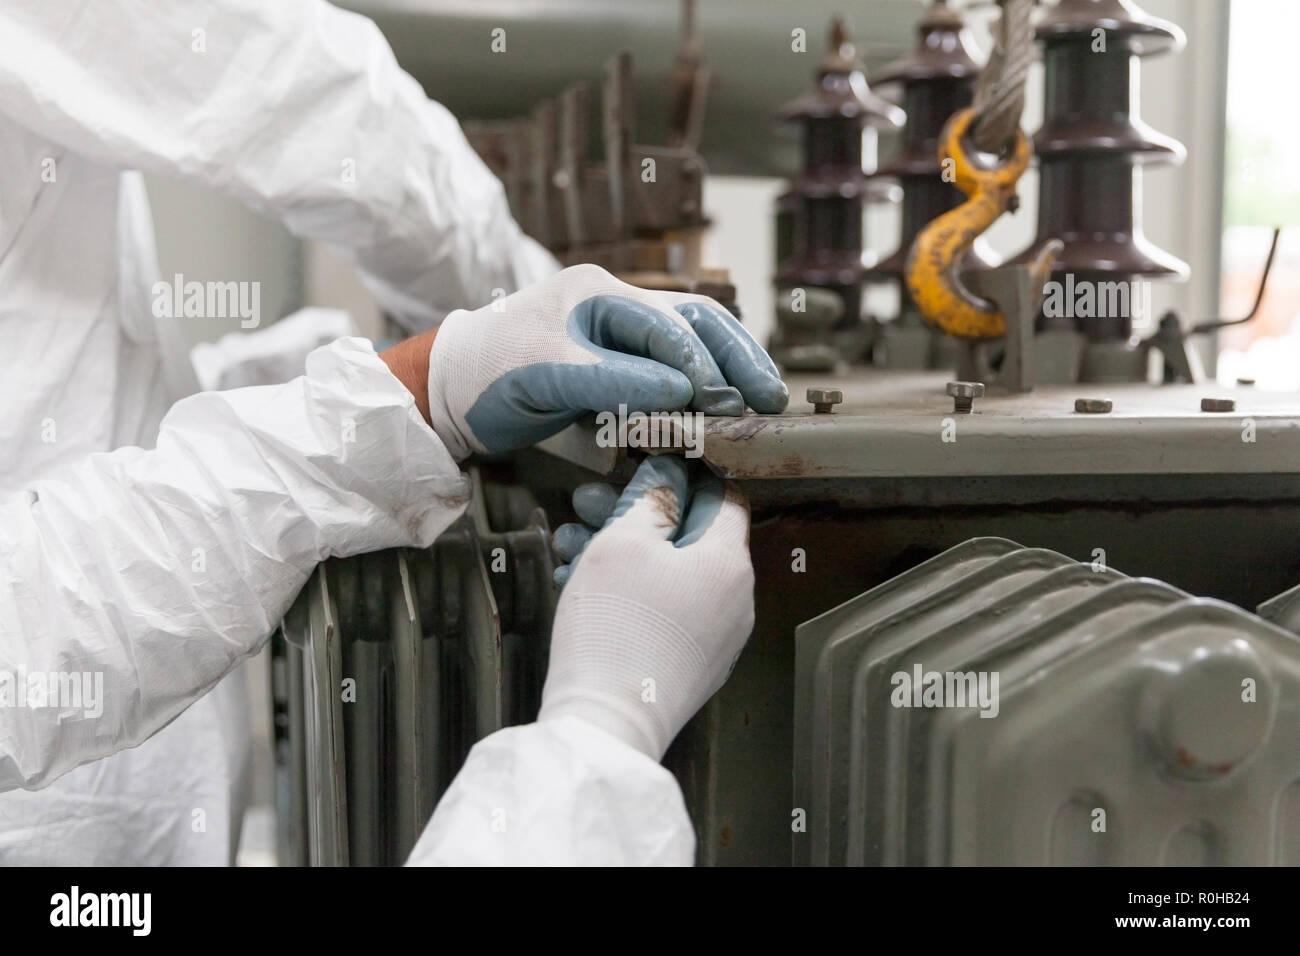 Un hombre en ropa de trabajo protectora y guantes blancos, la preparación de un antiguo transformador de componentes para el reciclado. Gestión de residuos Imagen De Stock